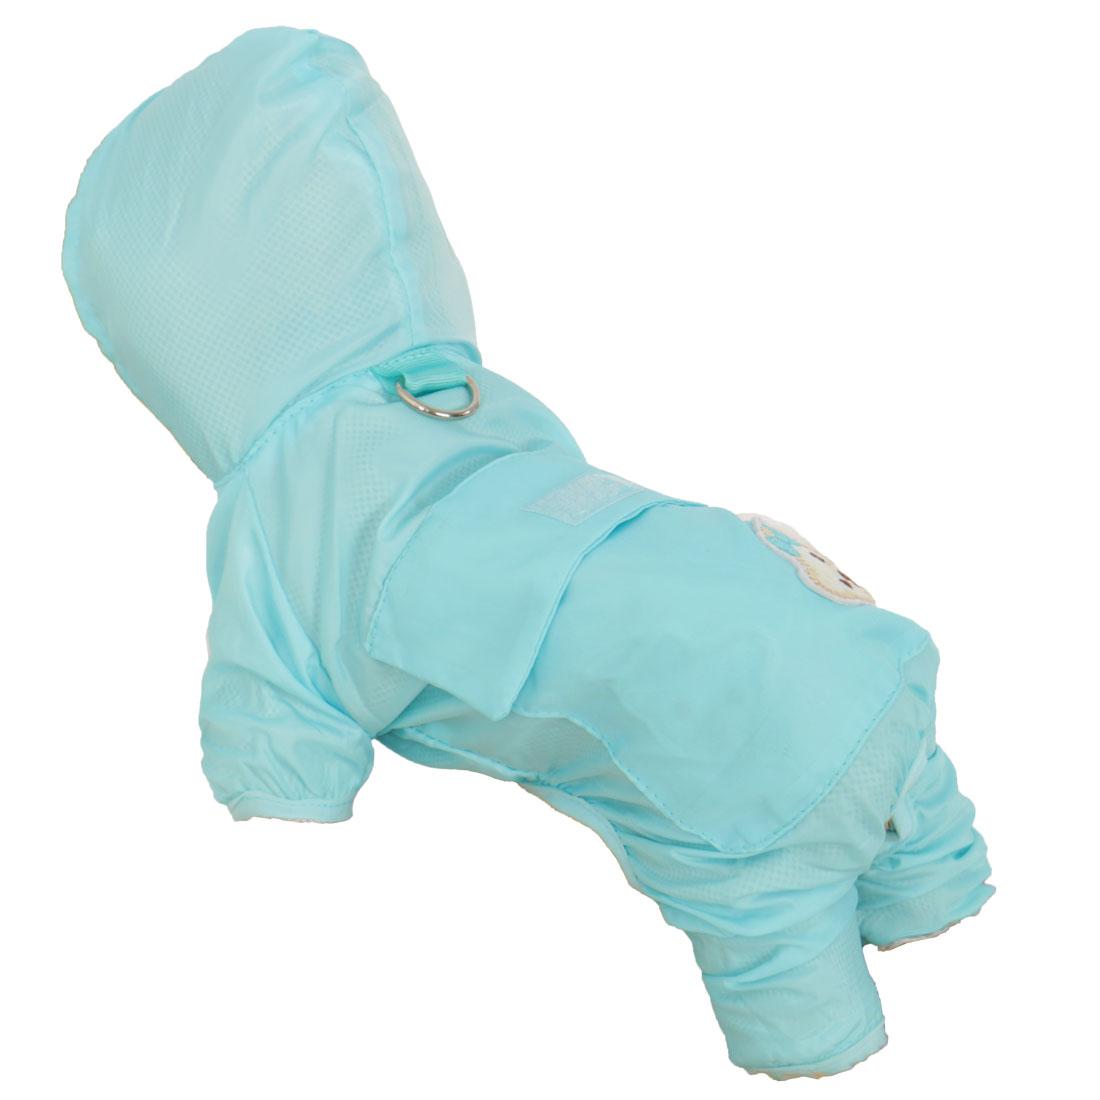 Pet Dog Raincoat Rain Jackets Clothes Water Repellent Rainwear Sky Blue XS